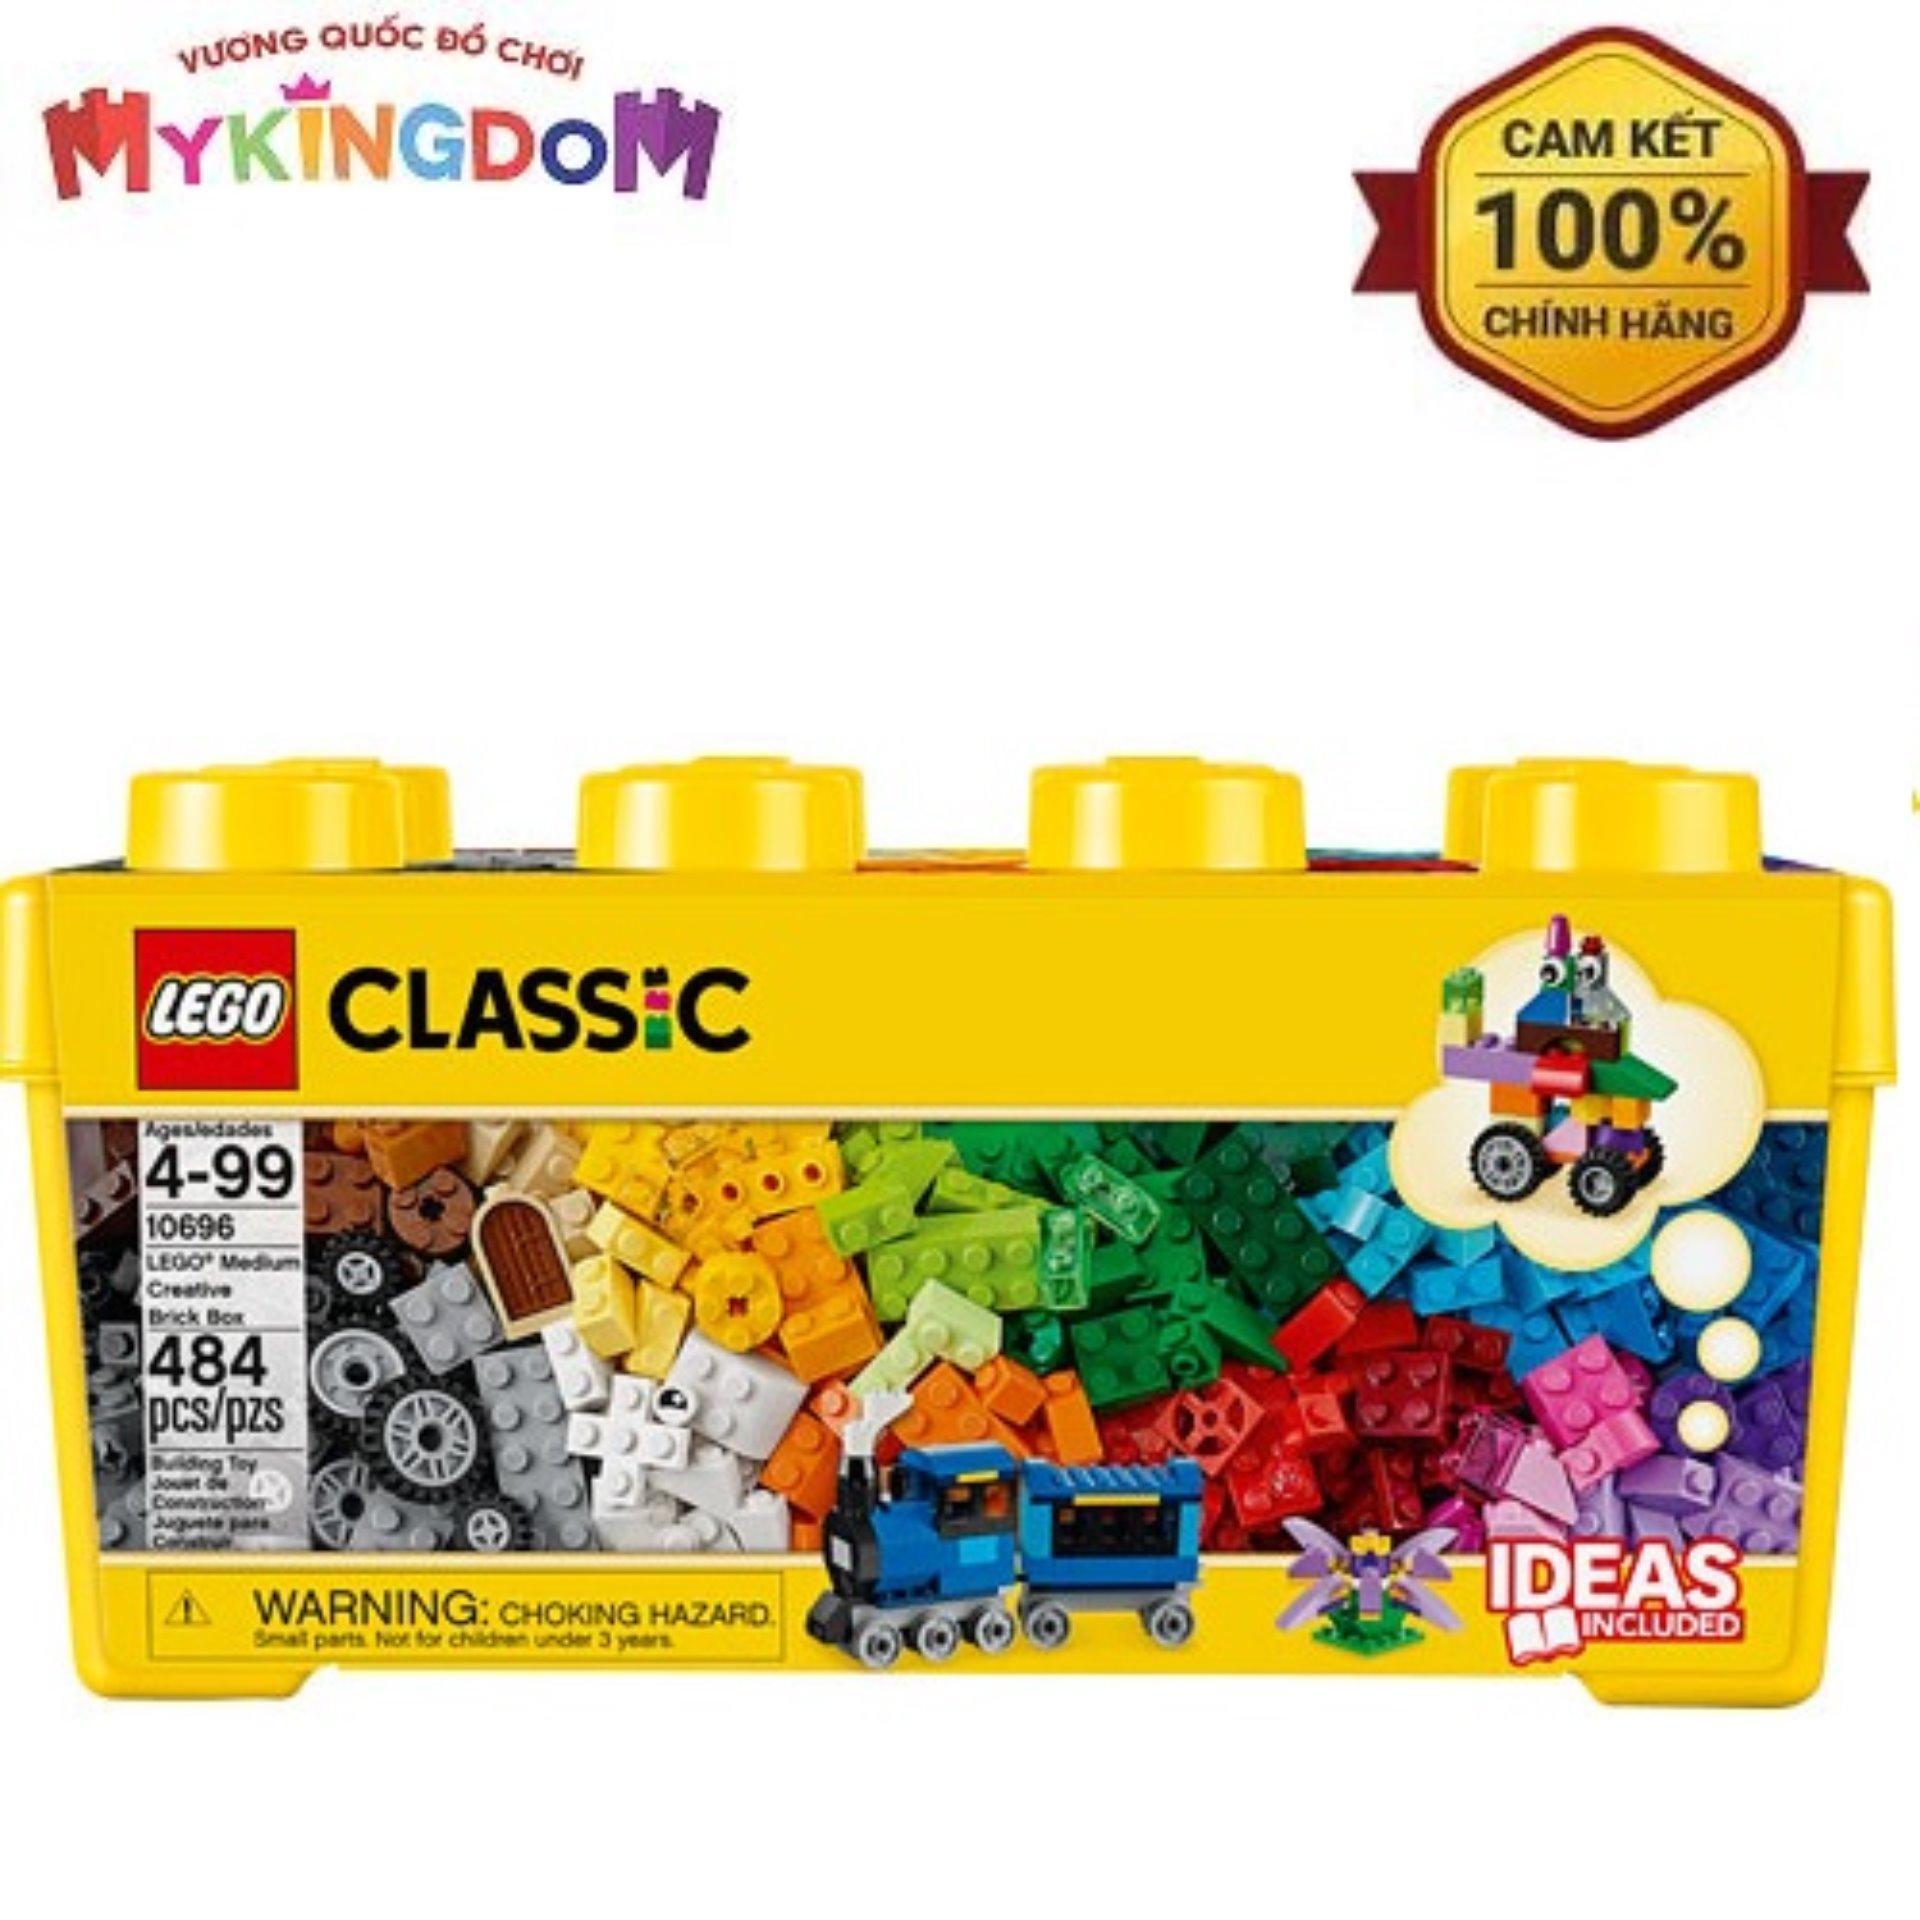 Offer Ưu Đãi Thùng Gạch Trung Classic Sáng Tạo LEGO 10696